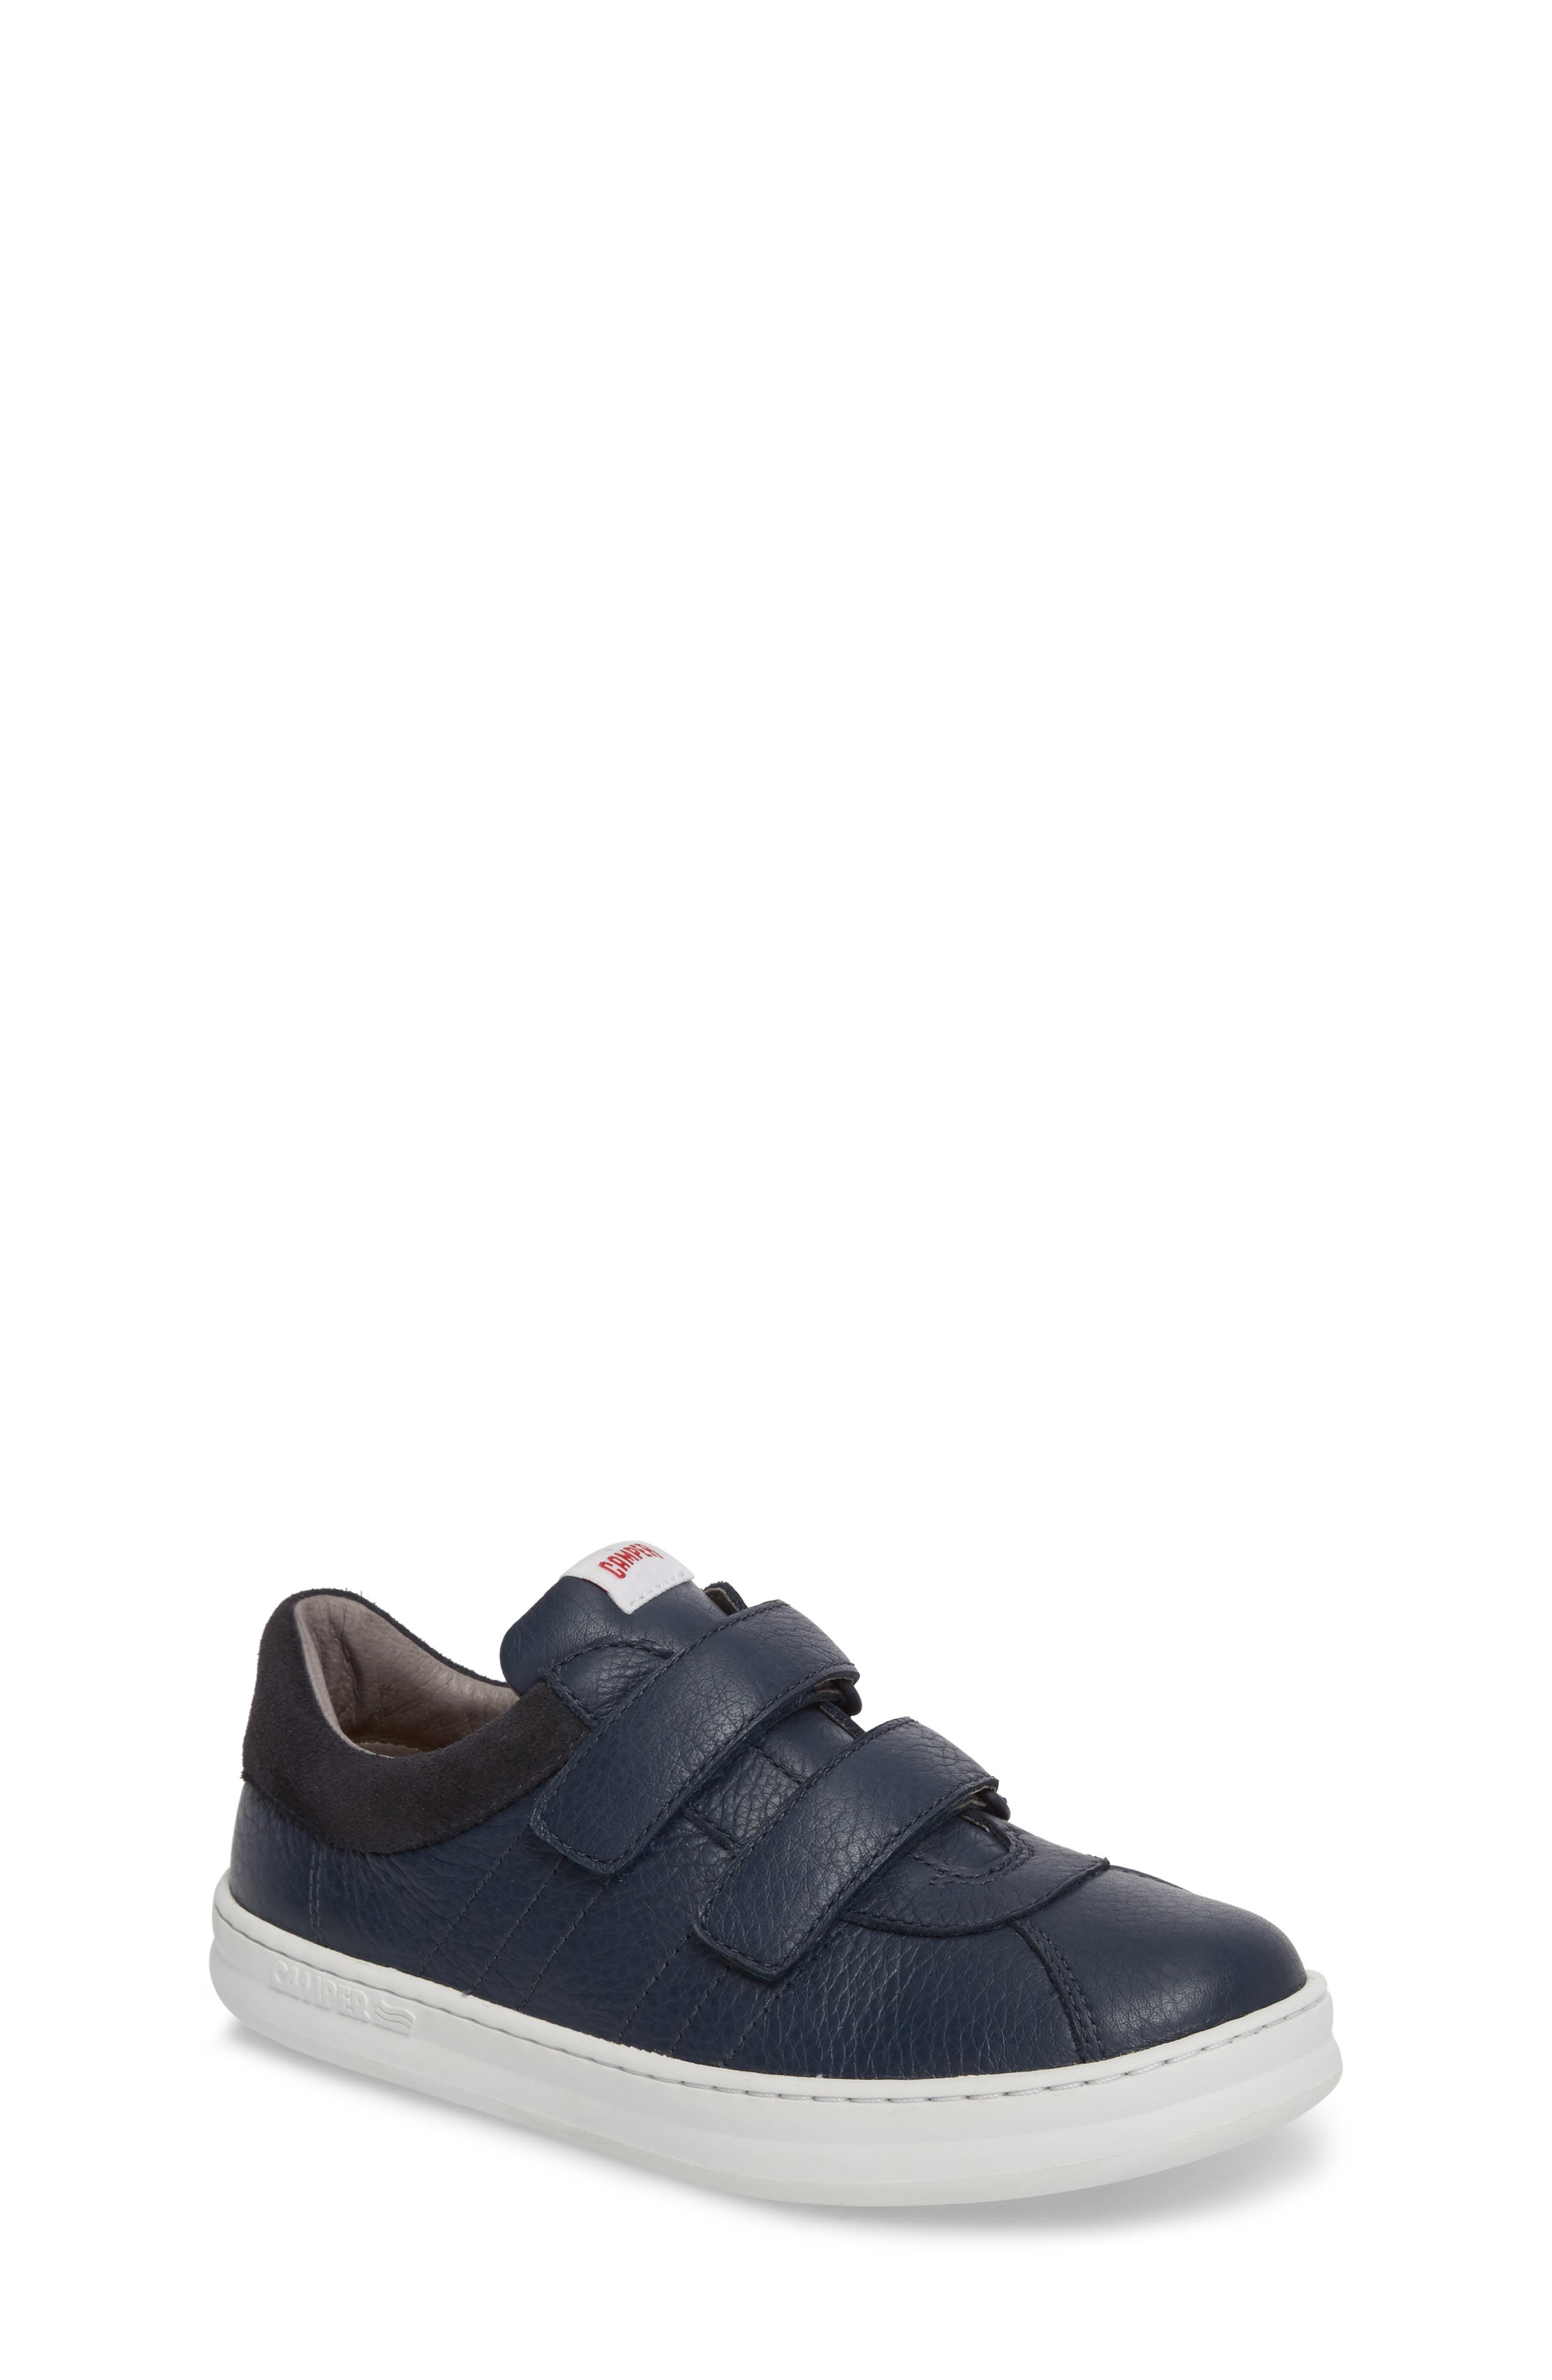 Runner Sneaker,                         Main,                         color, NAVY